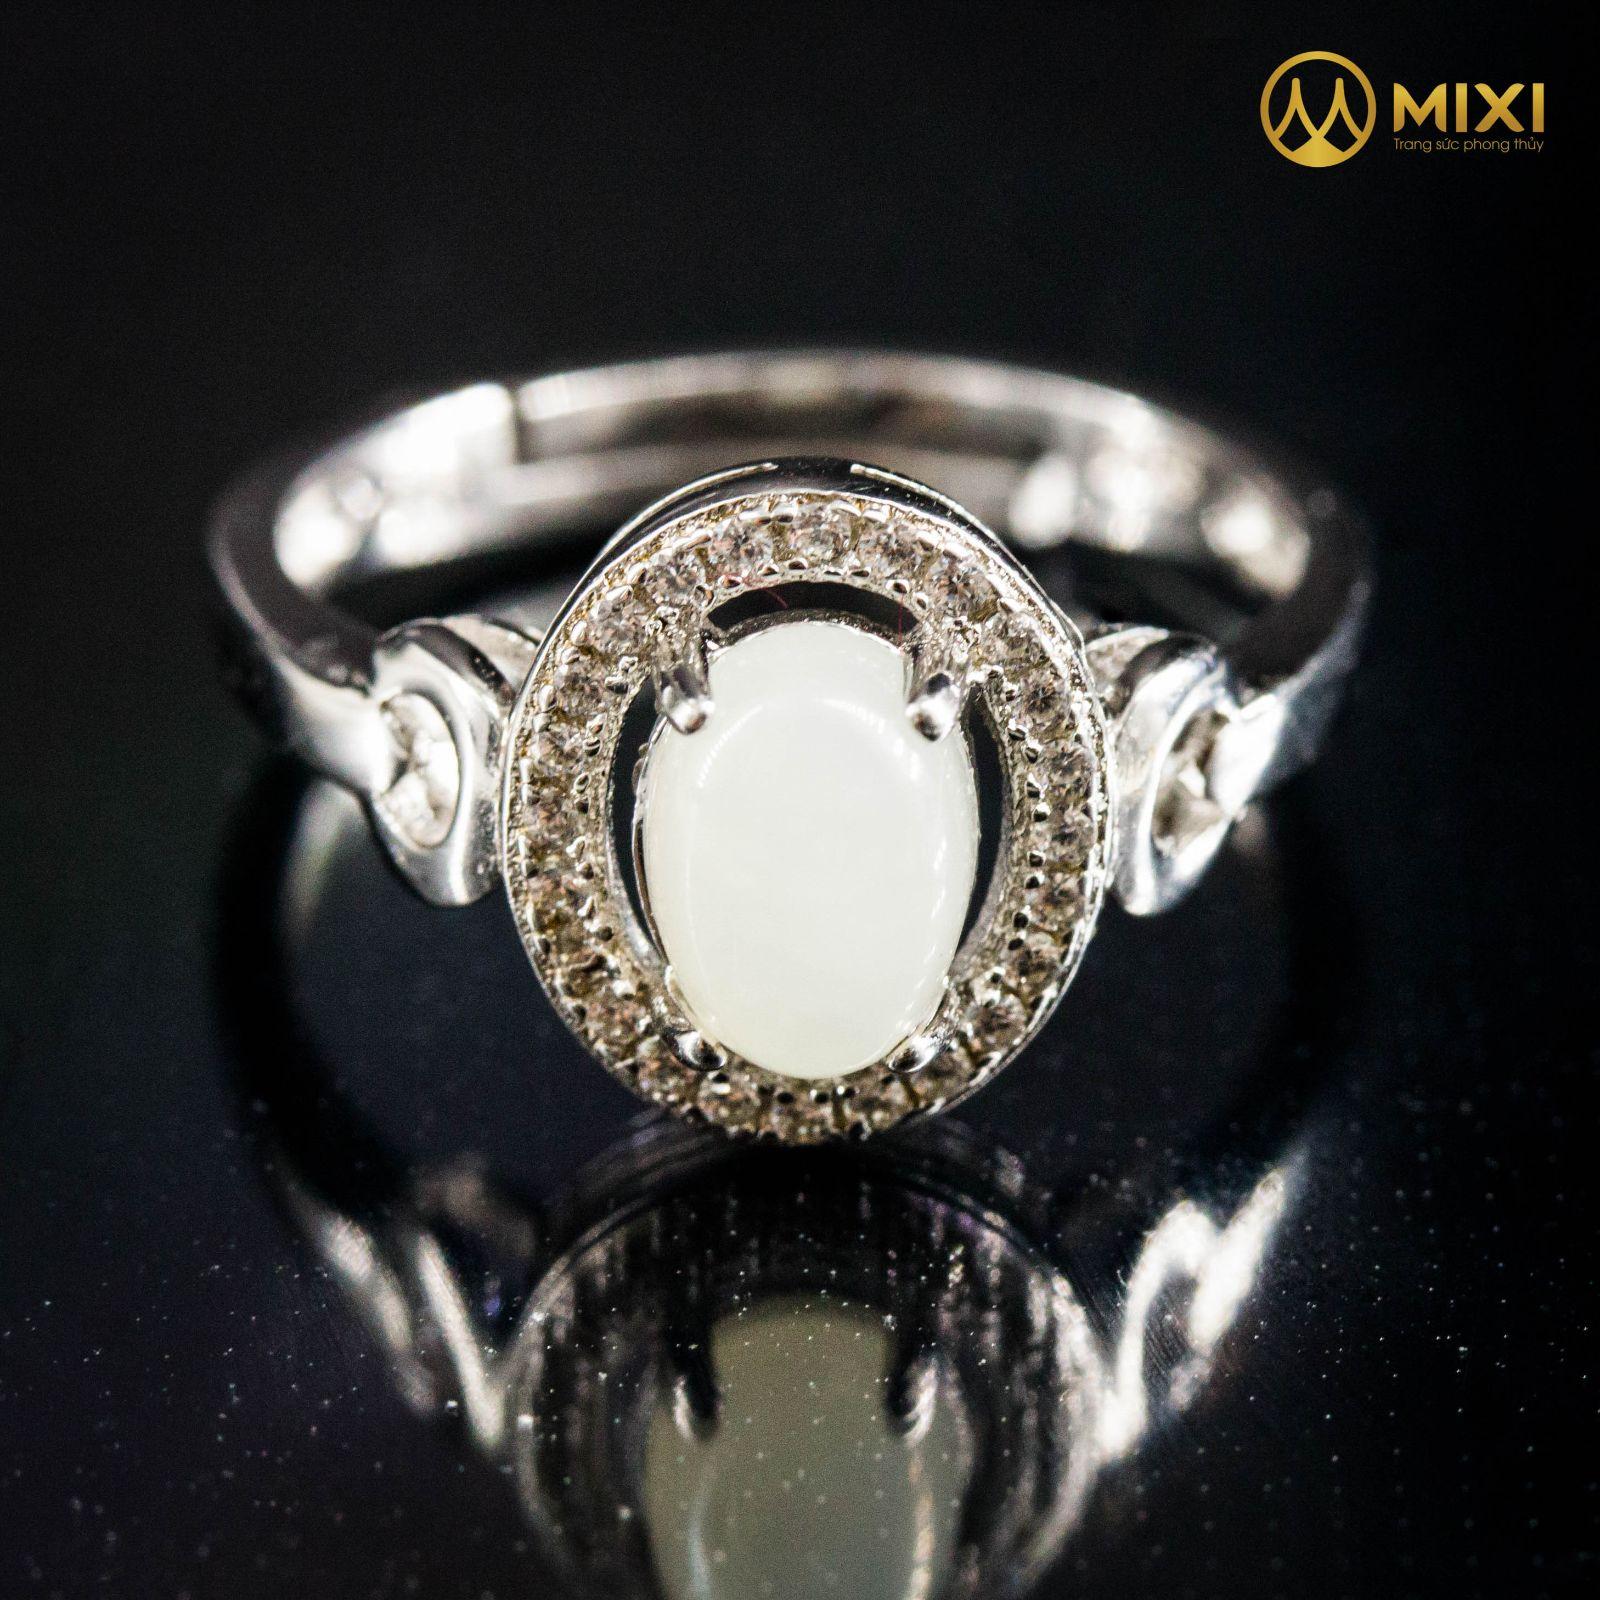 Nhẫn Bạc Bạch Ngọc Onyx Marble Hình Oval Sủi Đá Viền Kín